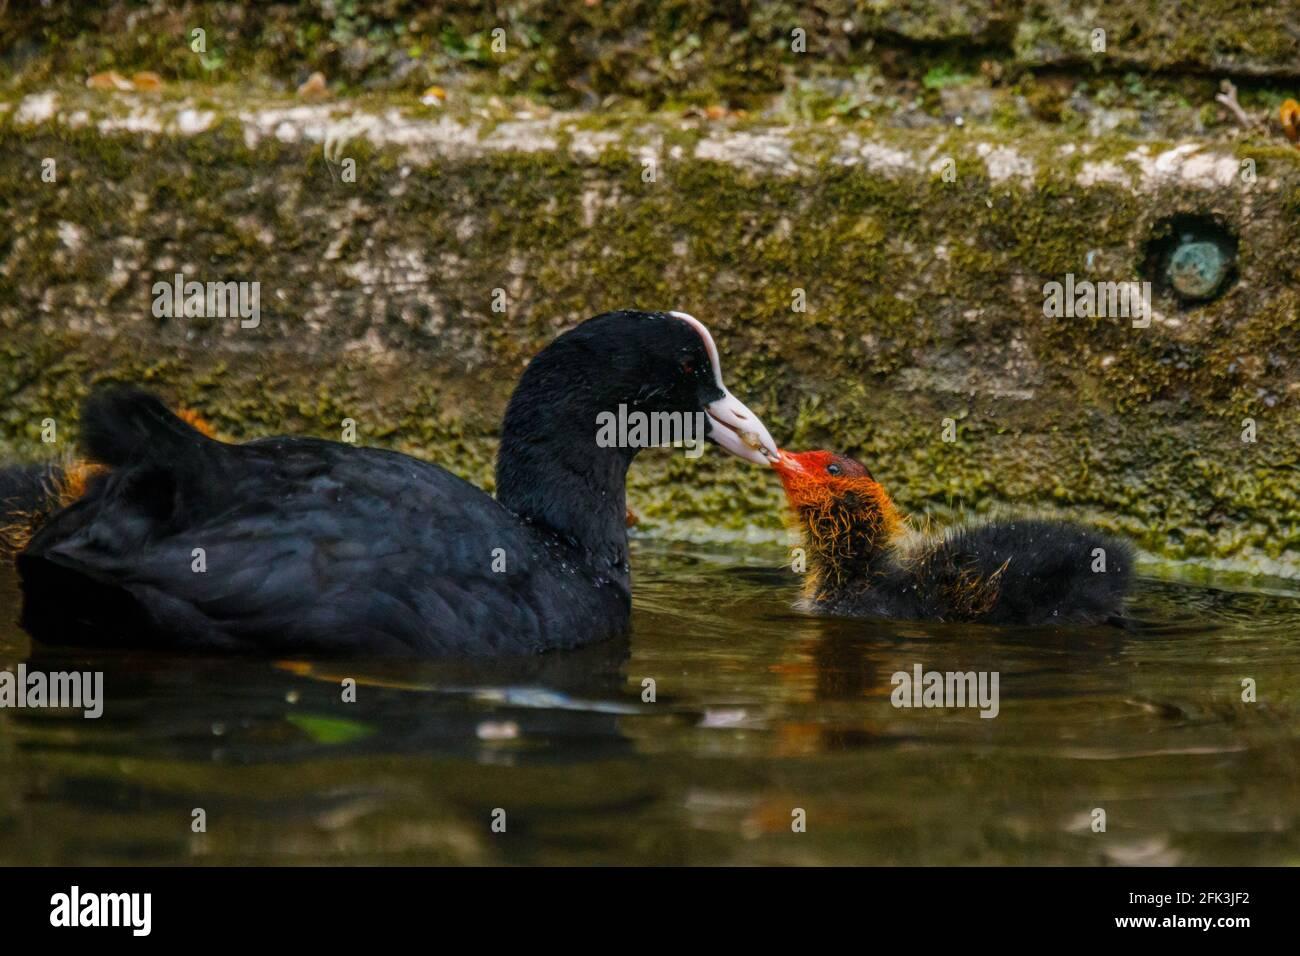 Wapping Canal, Londres, Reino Unido. 28th de abril de 2021. La alimentación de la coota es la cocina del bebé en un canal urbano en Wapping, Londres del este. Amanda Rose/Alamy Foto de stock